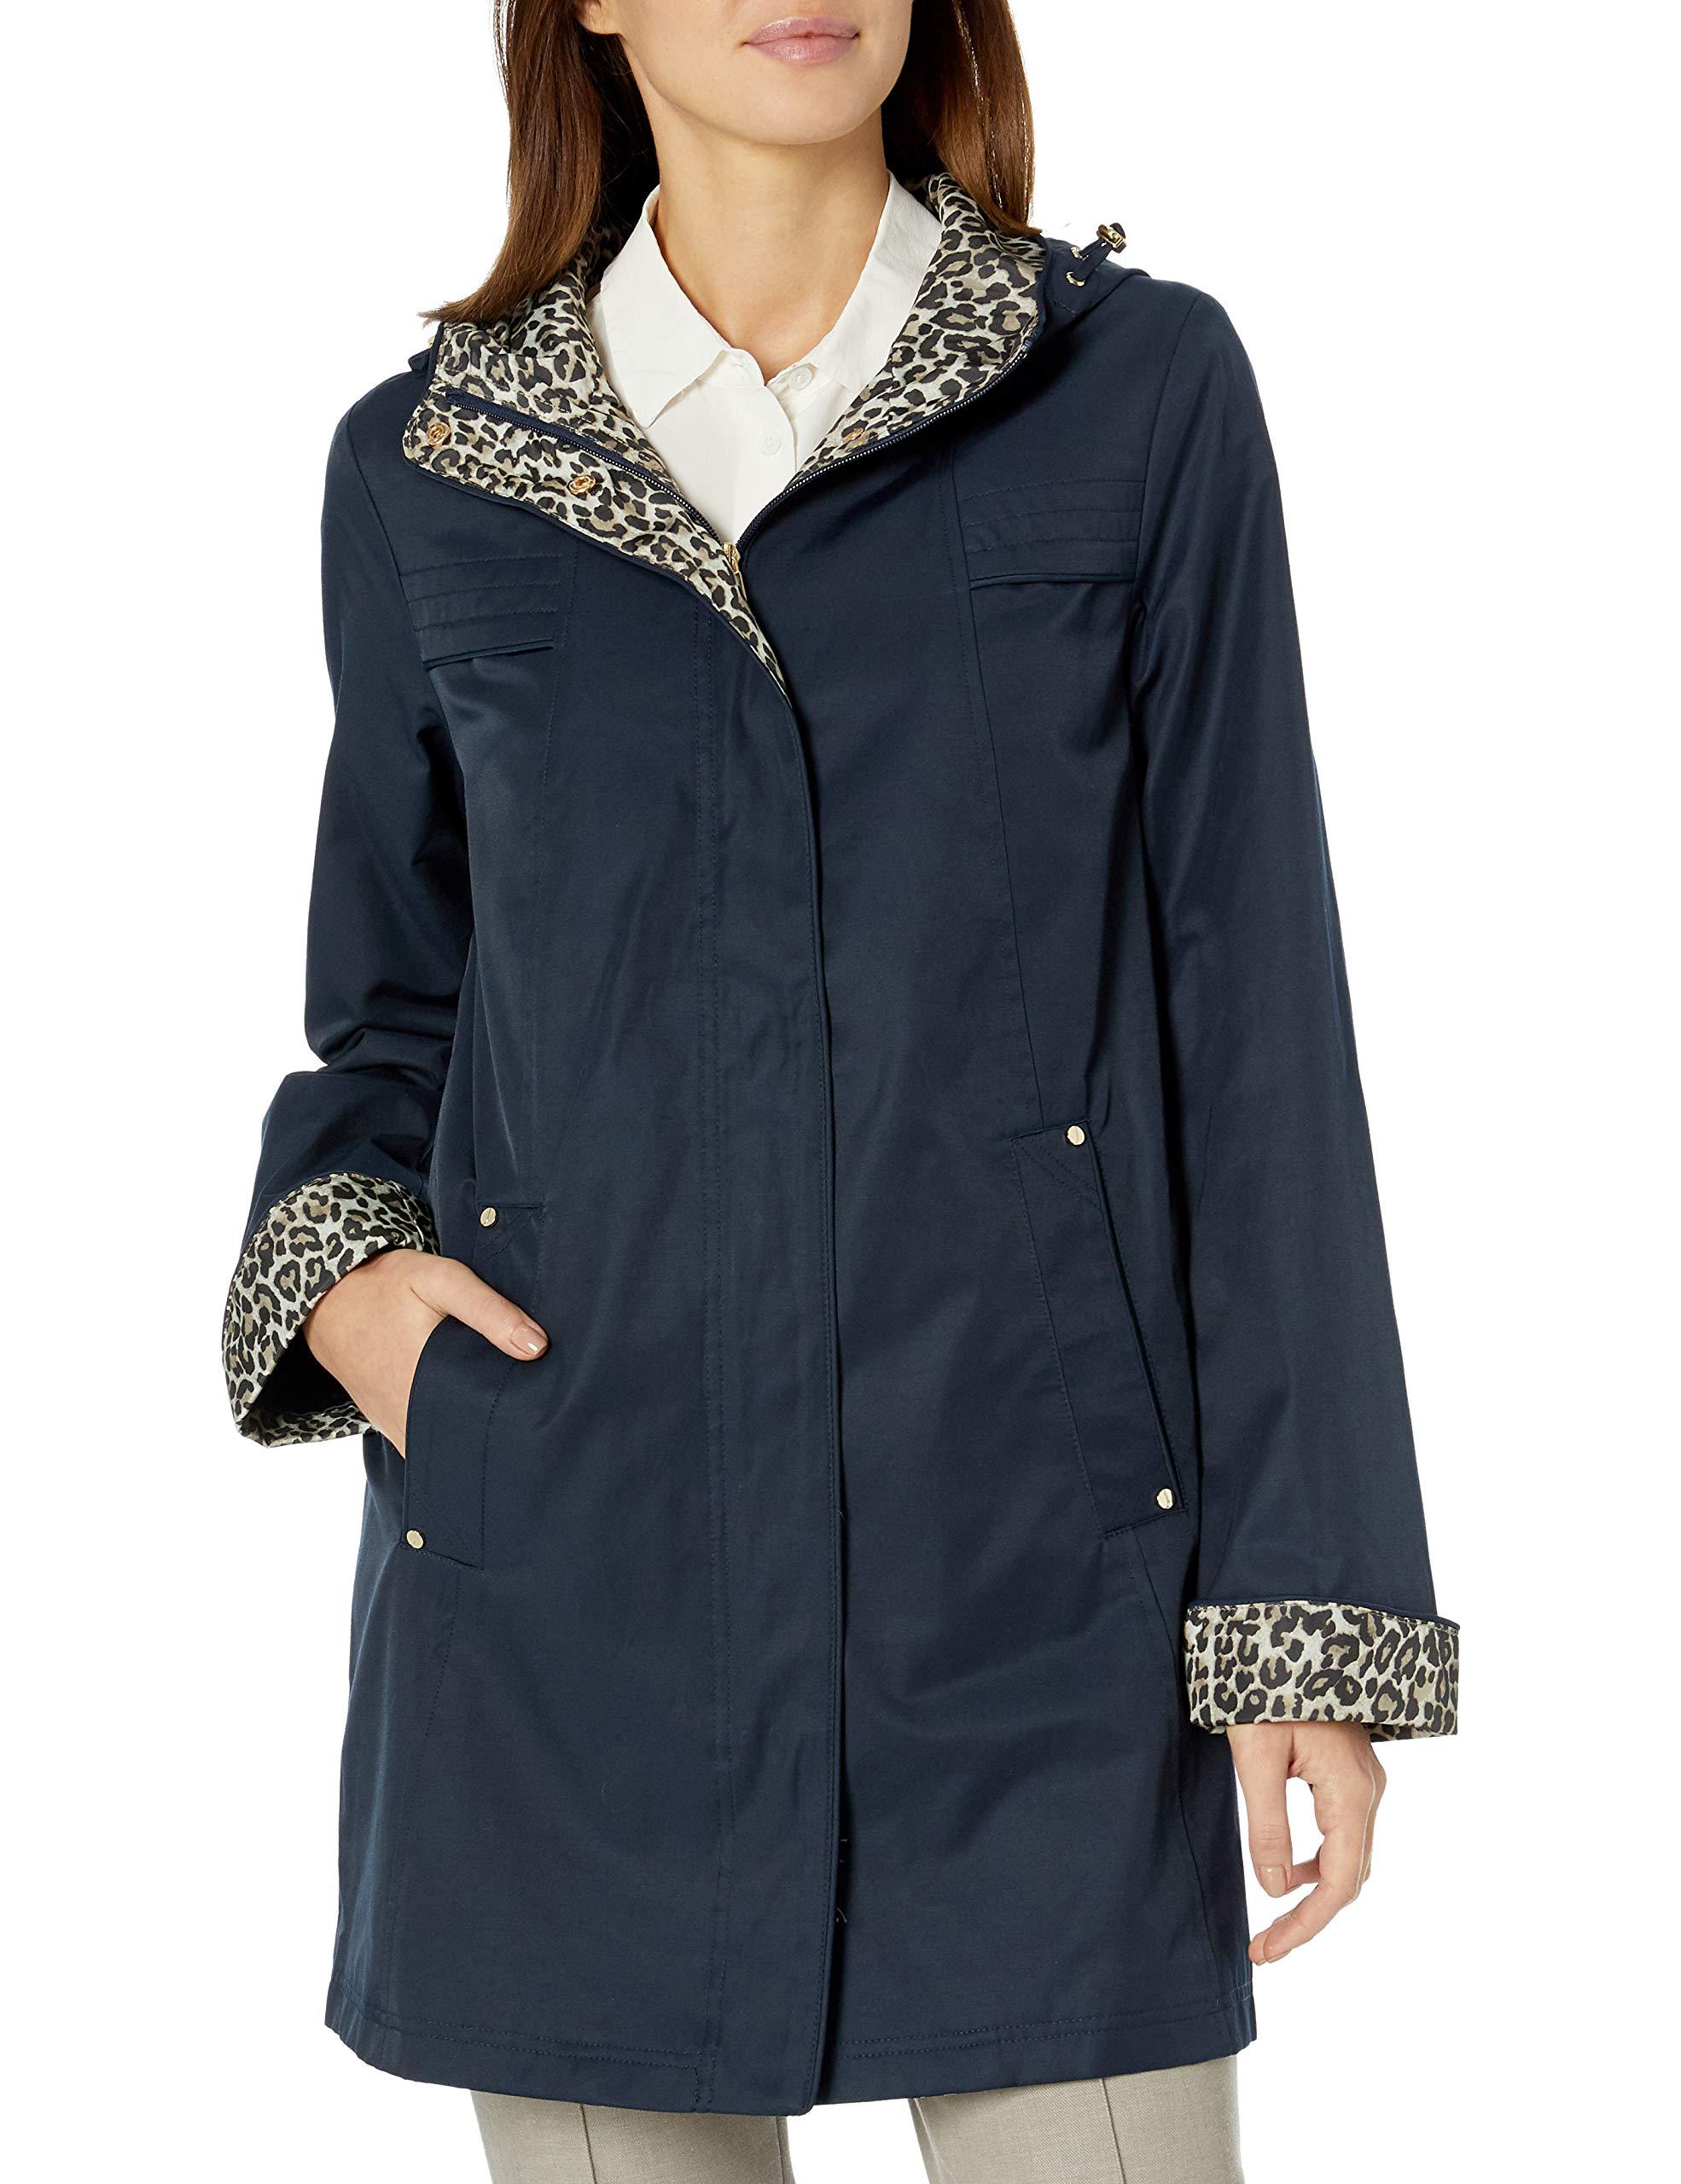 Jones New York Women's Hooded Mid-Weight Coat Rain Jacket